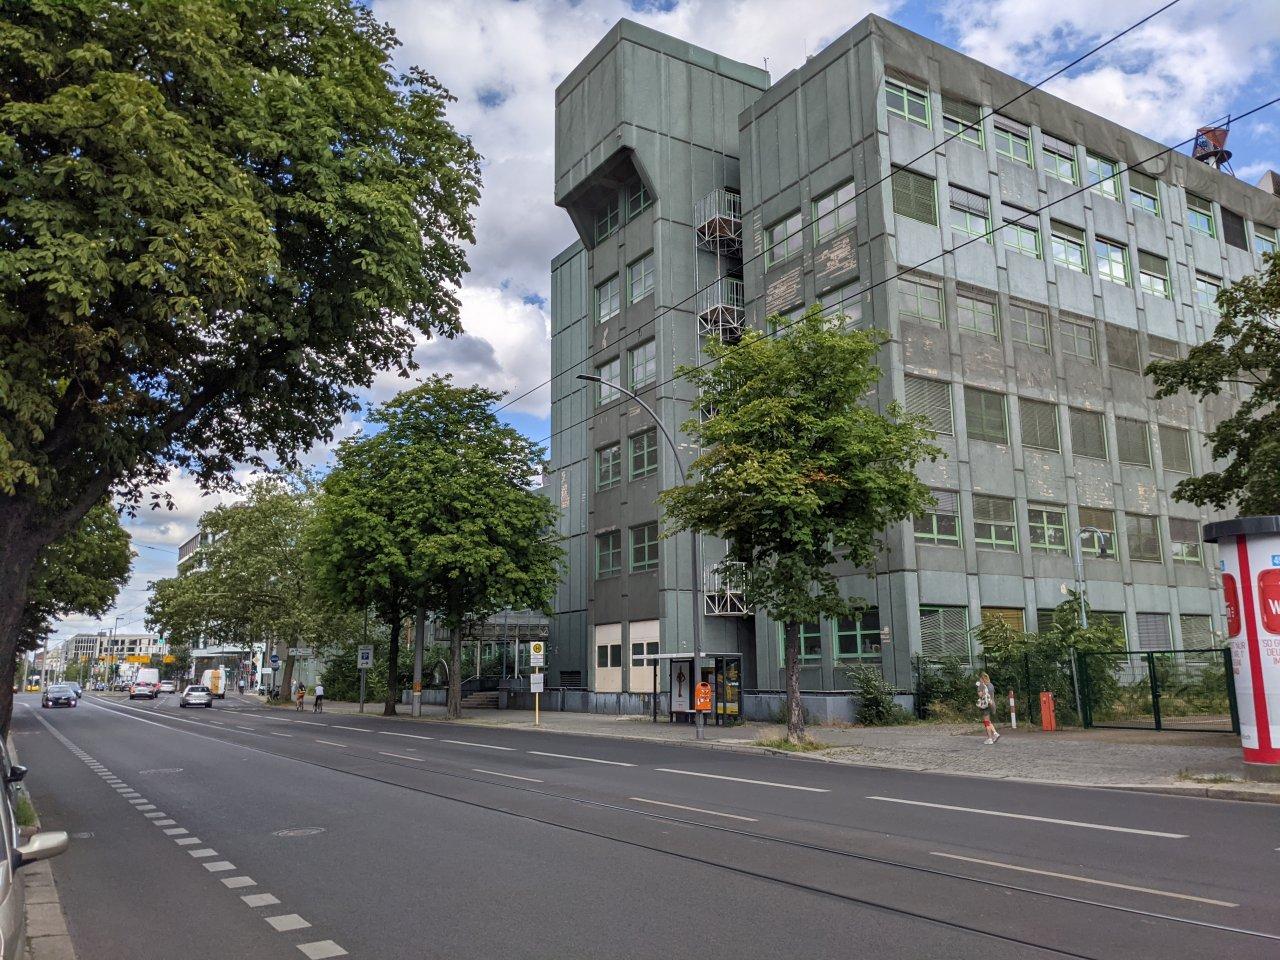 Alt-Moabit-Polizeigebaeude-Abriss-Neuentwicklung.jpg